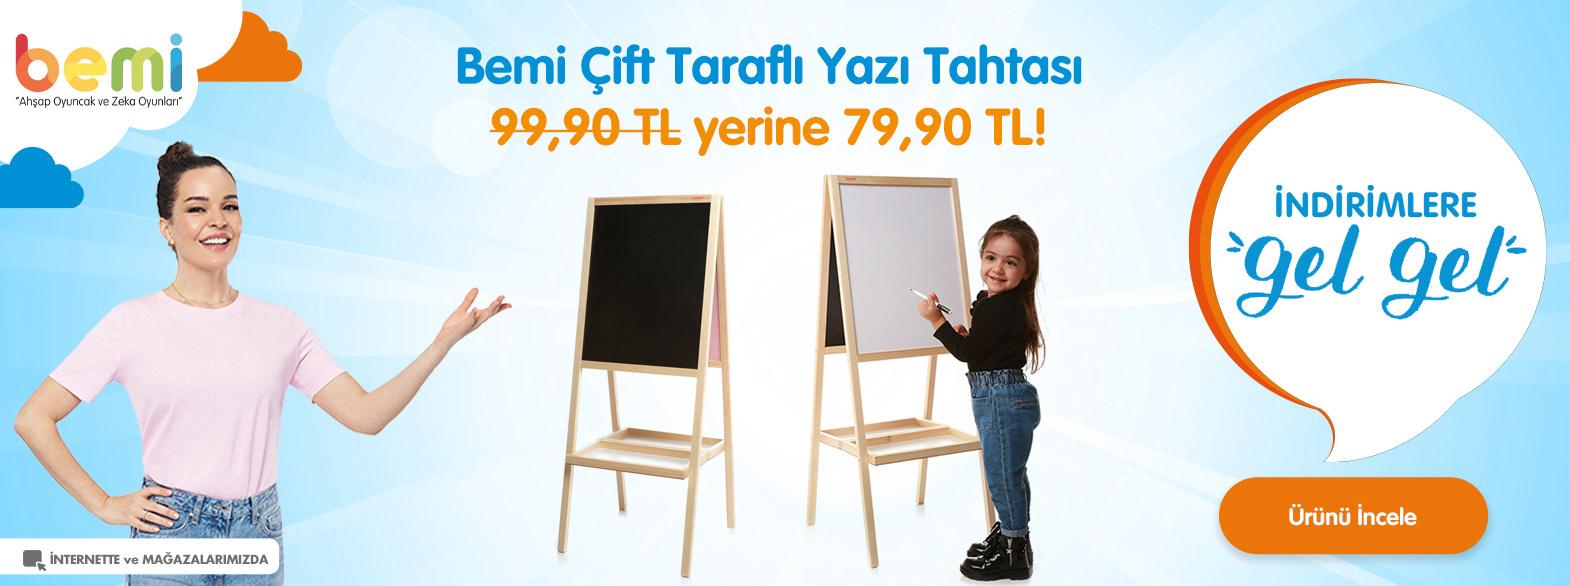 9882639106078-yazi.jpg